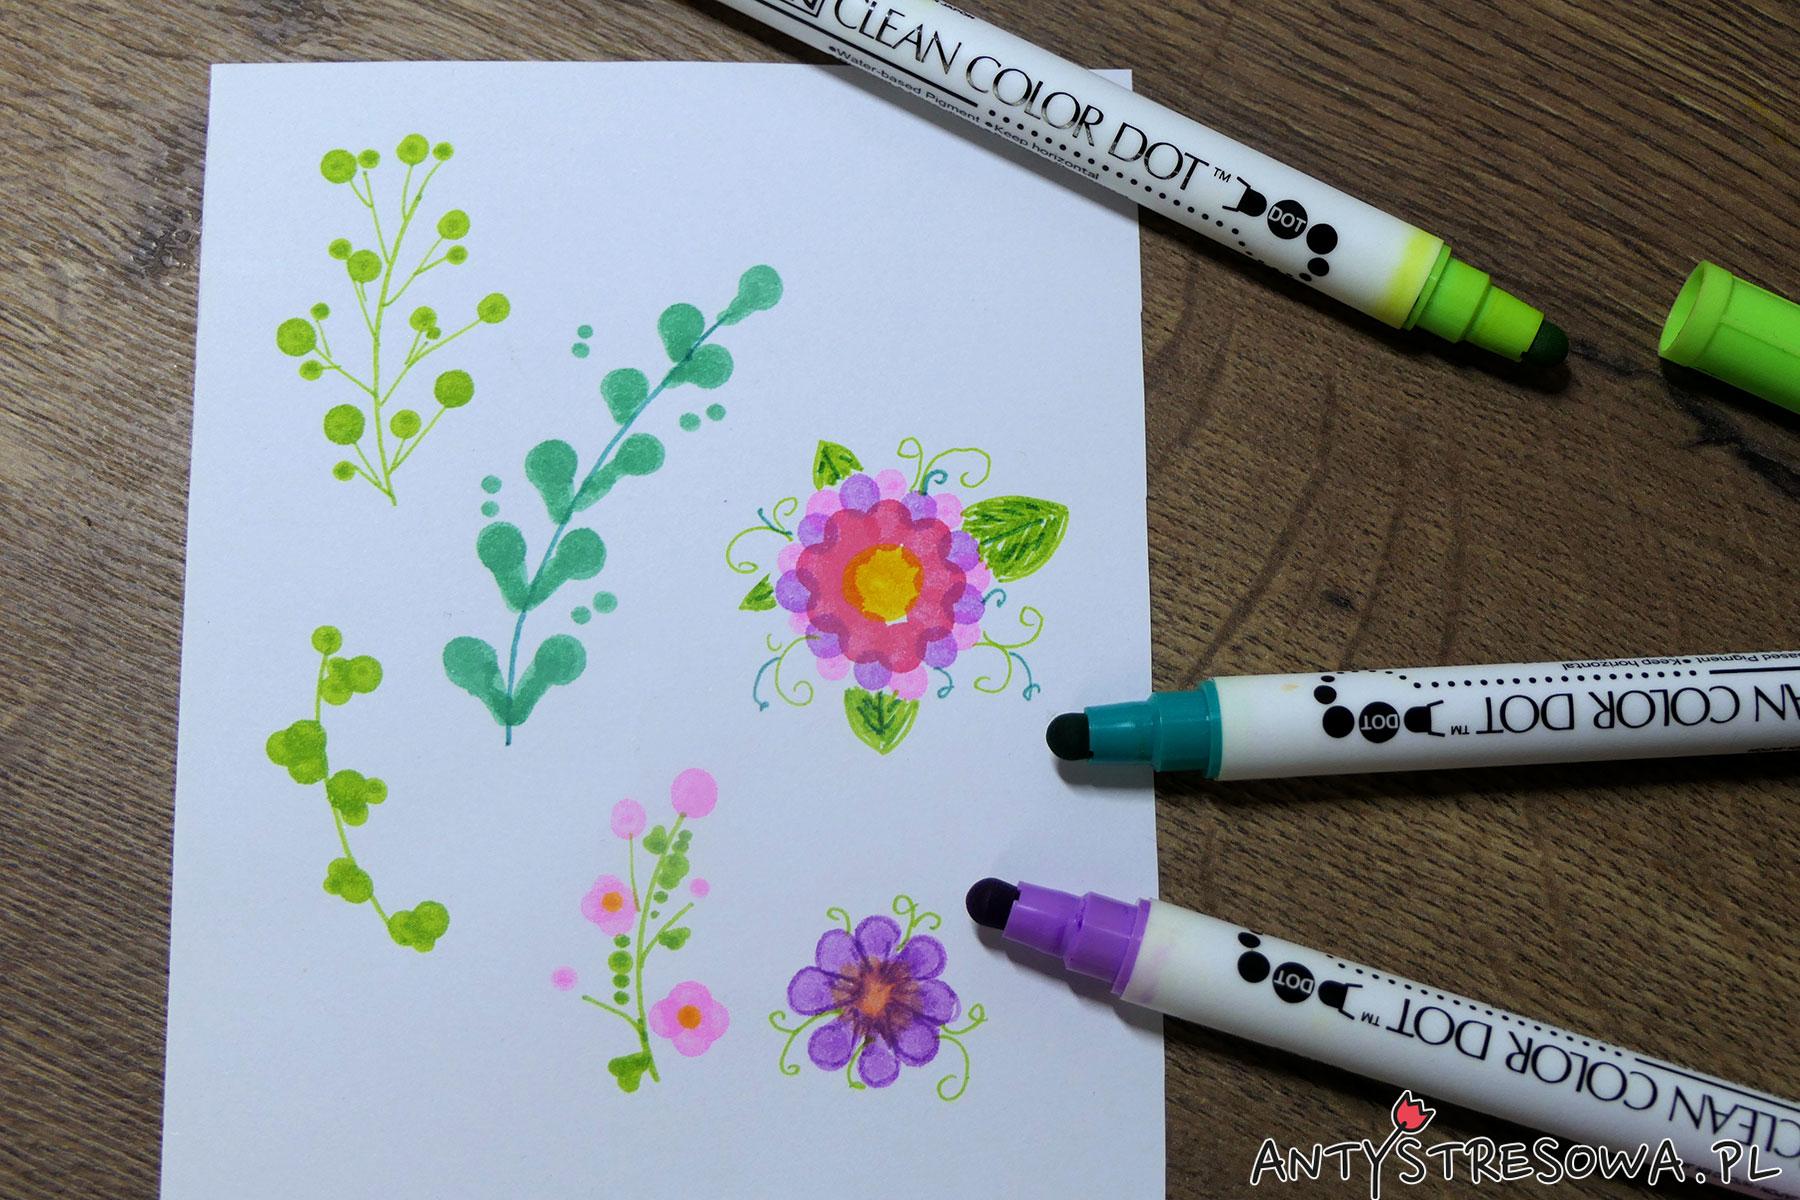 Obrazki zrobione pisakami Clean Color Dot